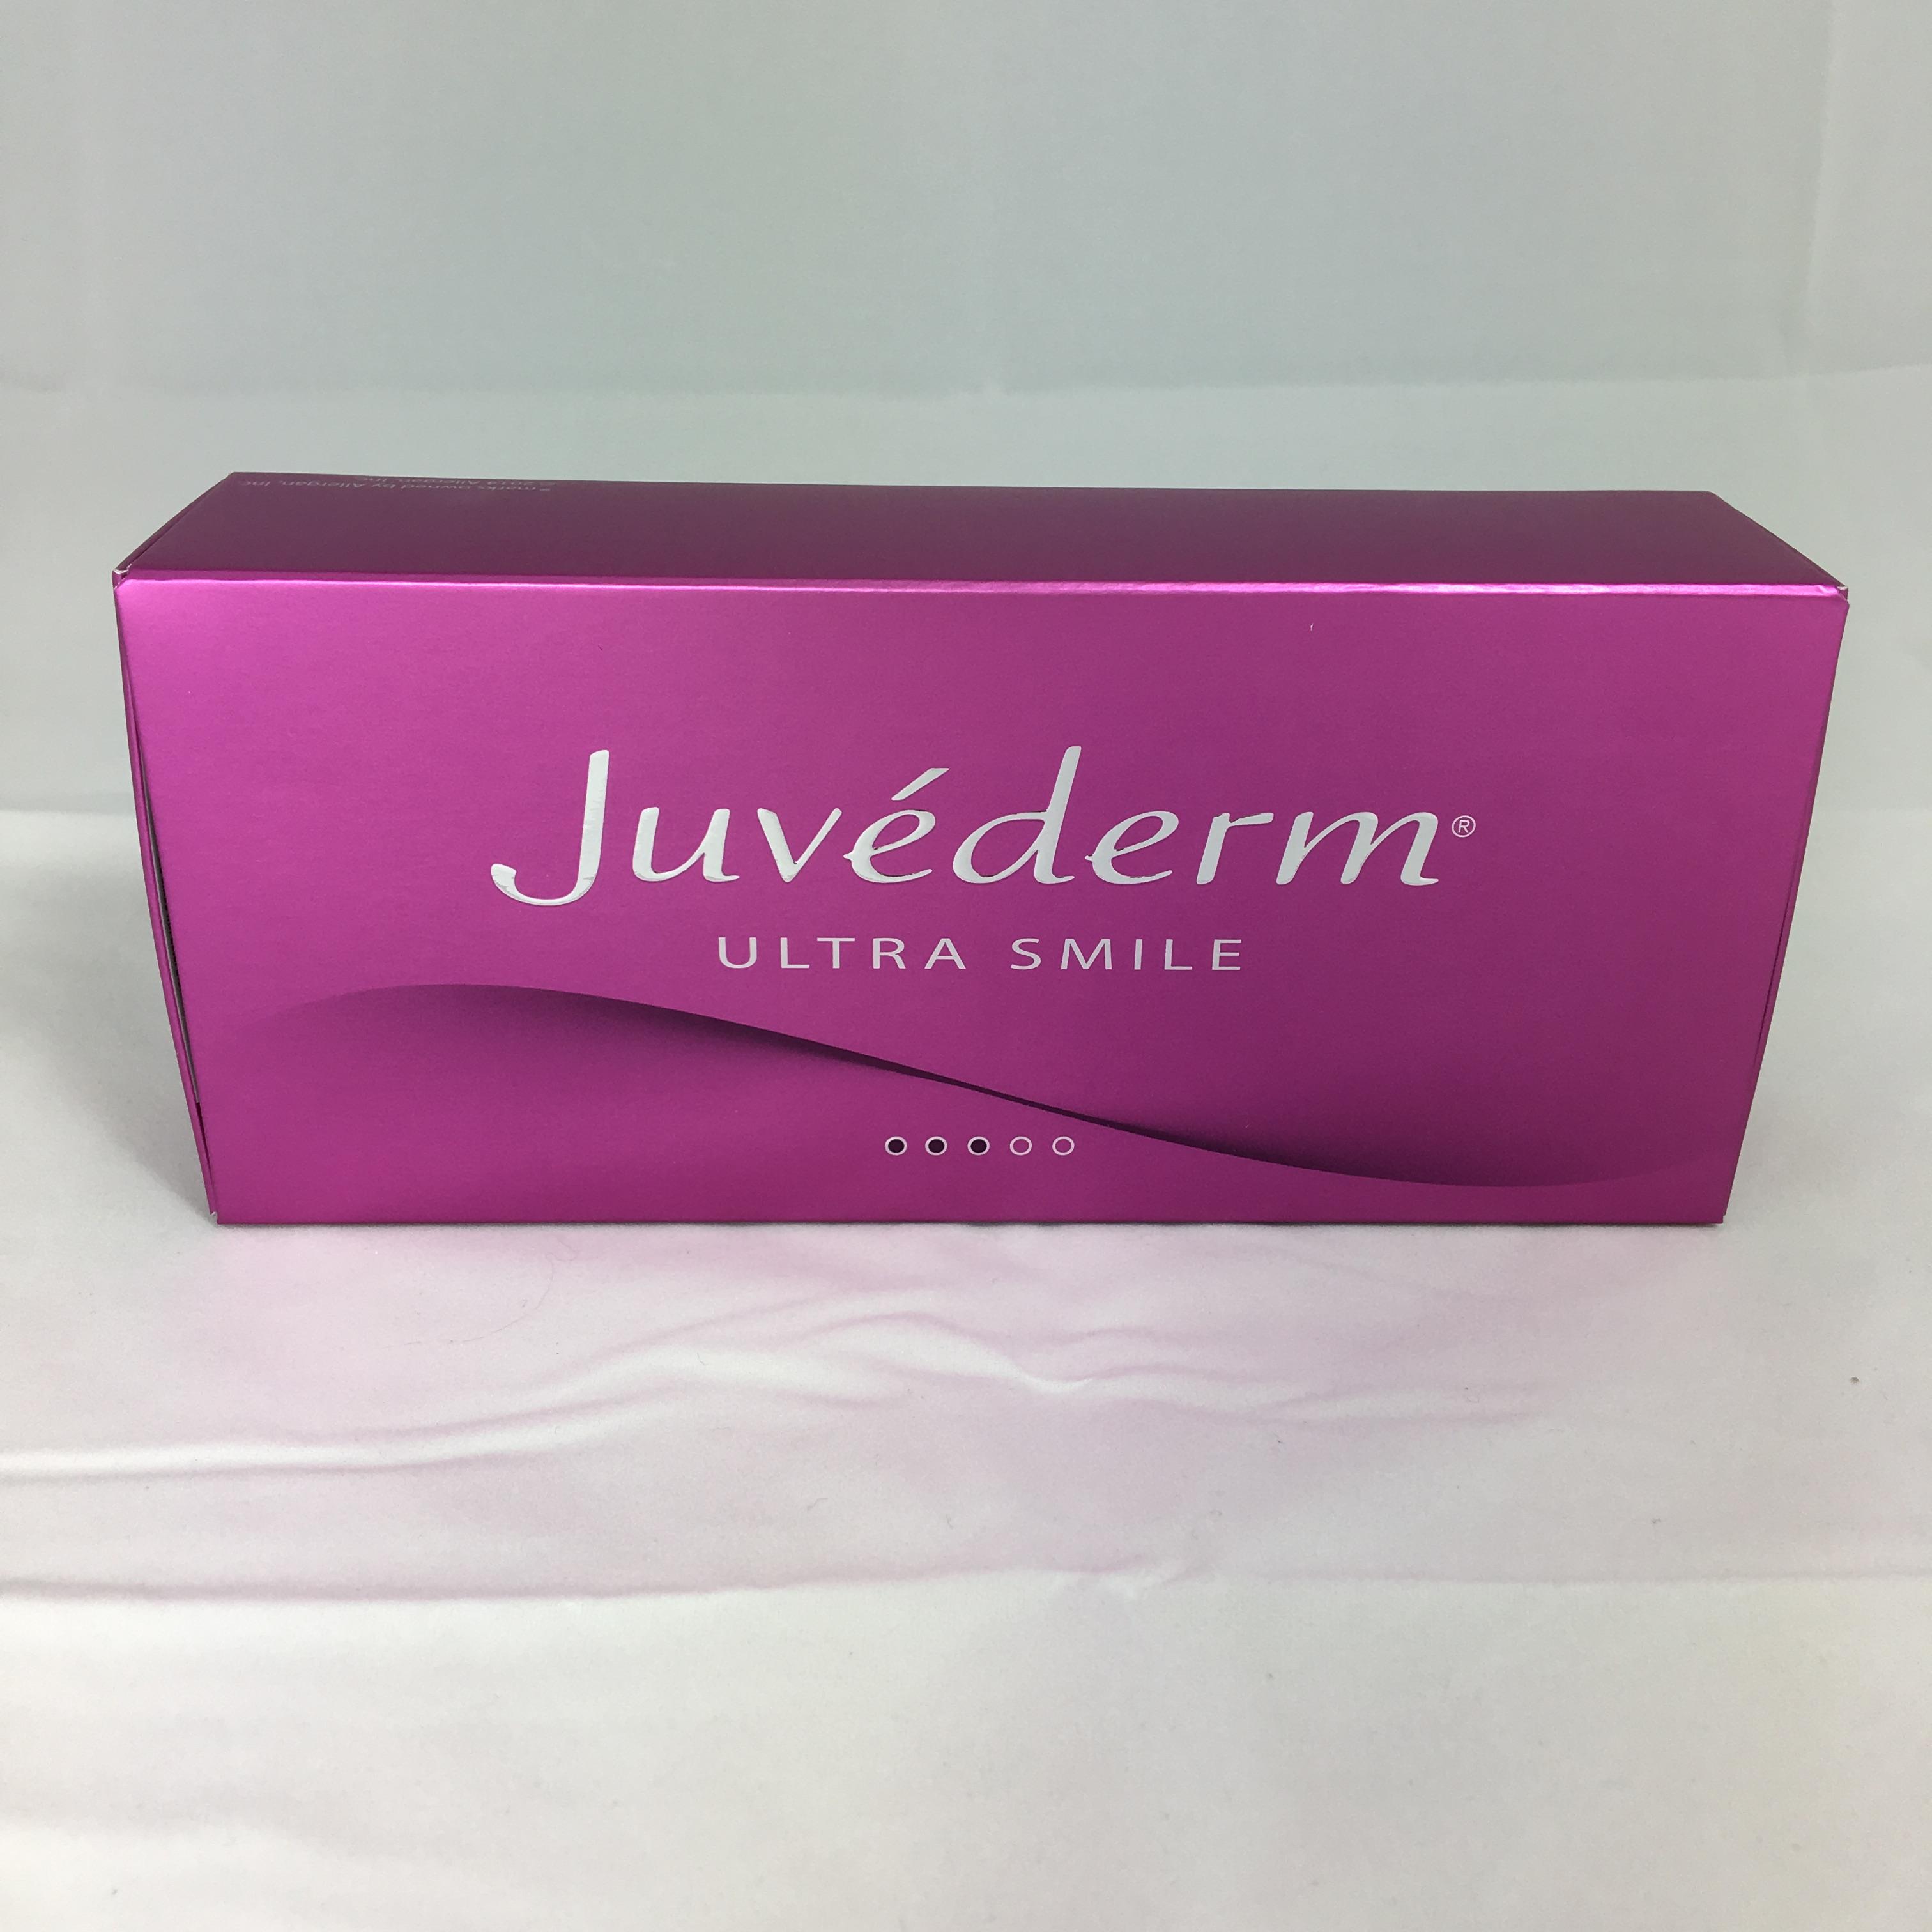 Juvederm Ultra Smile von Allergan sofort verfügbar im Dermalifting Shop